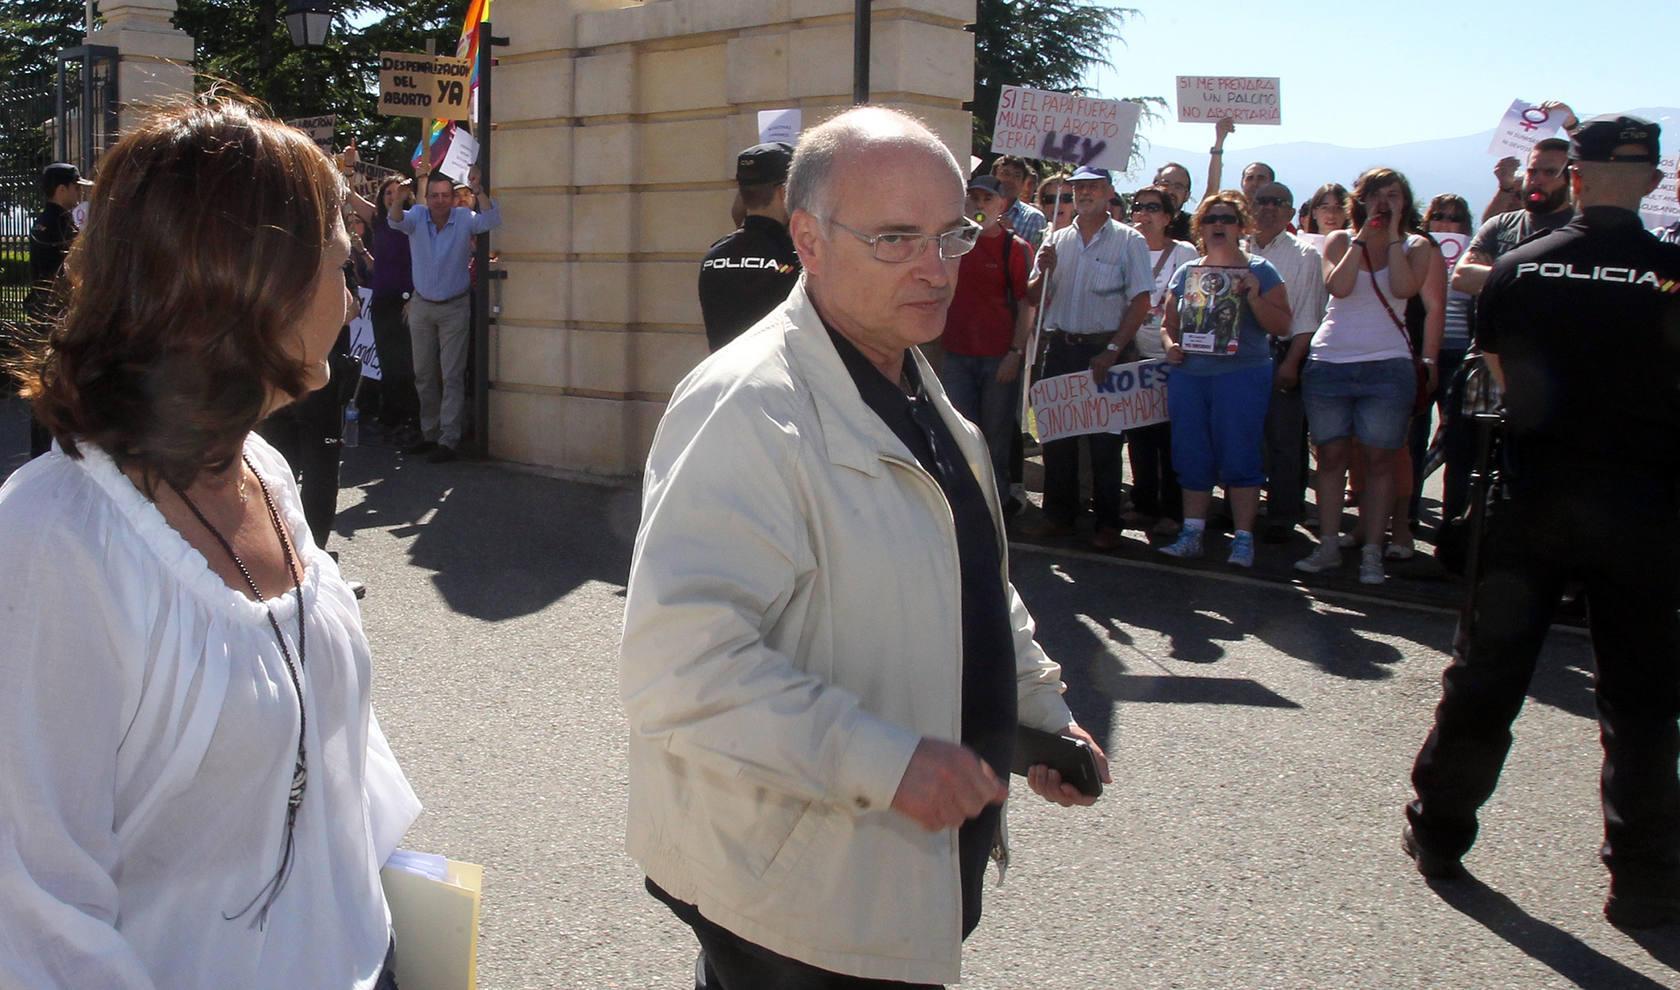 El foro de Derecho a Vivir detona las protestas de los grupos proabortistas